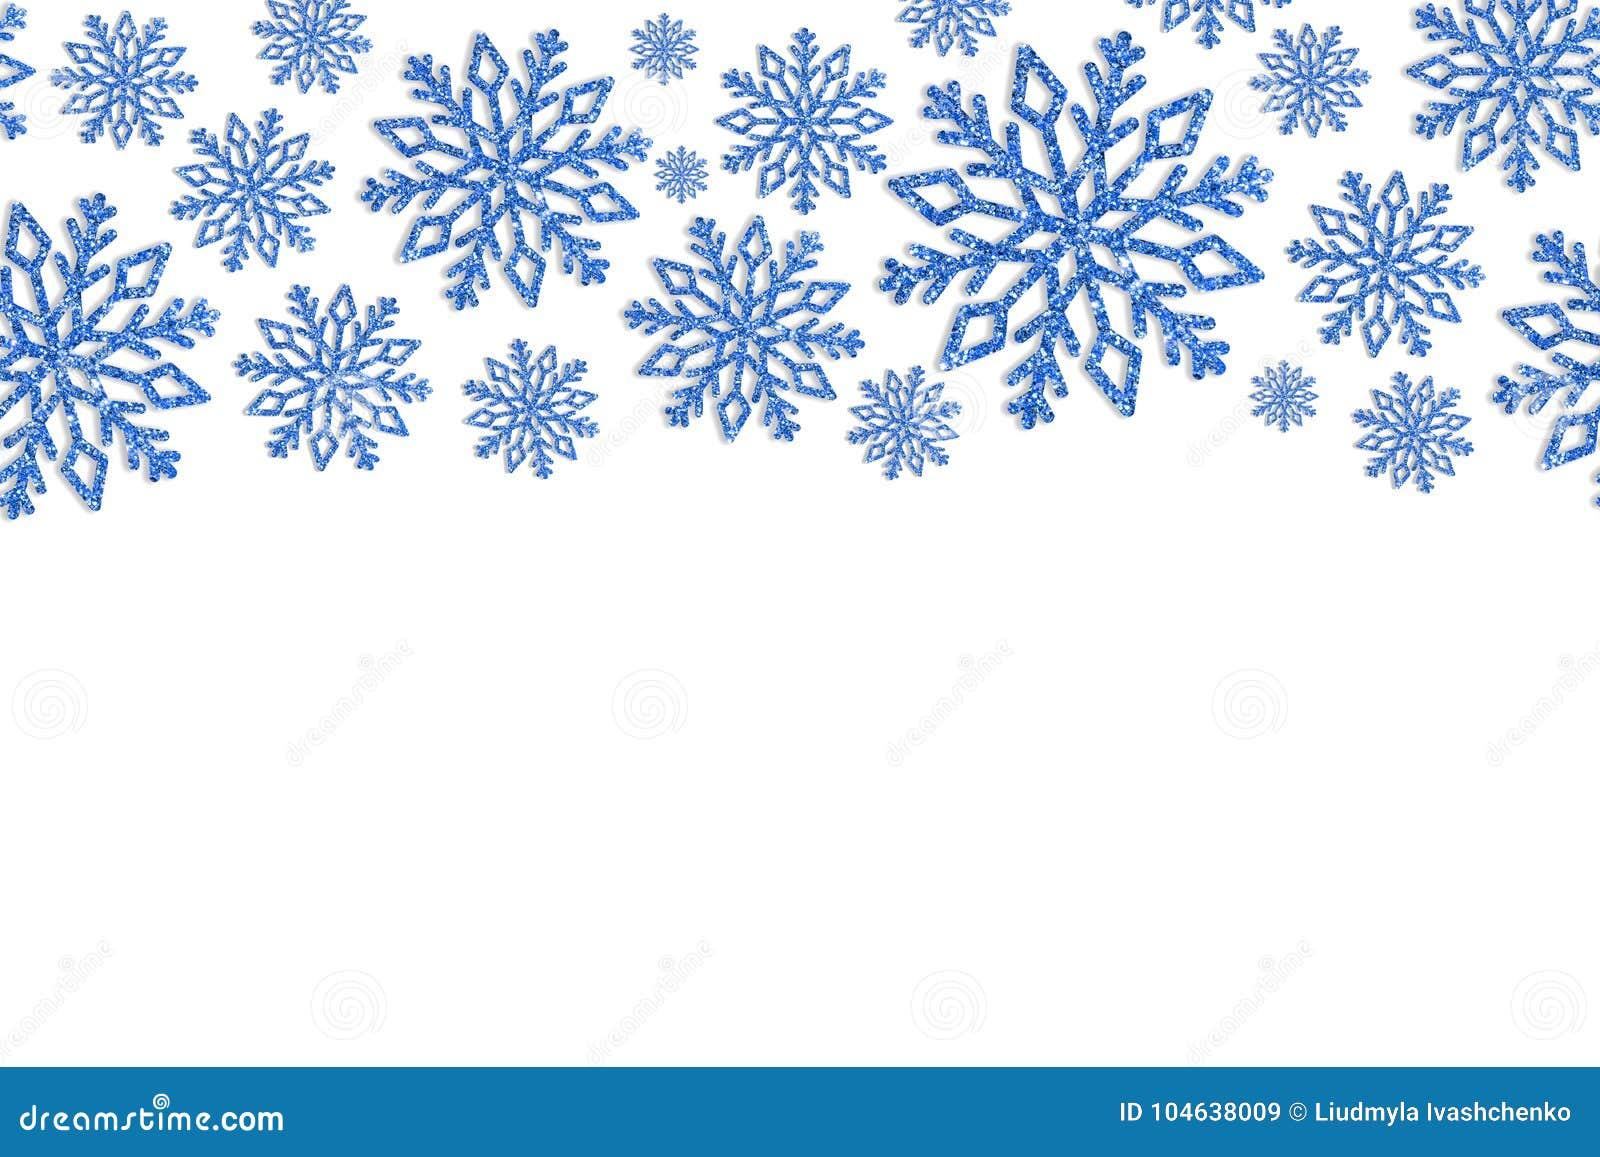 Download Kerstmiskader Met Blauwe Sneeuwvlokken Grens Van Lovertjeconfettien Stock Afbeelding - Afbeelding bestaande uit spatie, samenvatting: 104638009